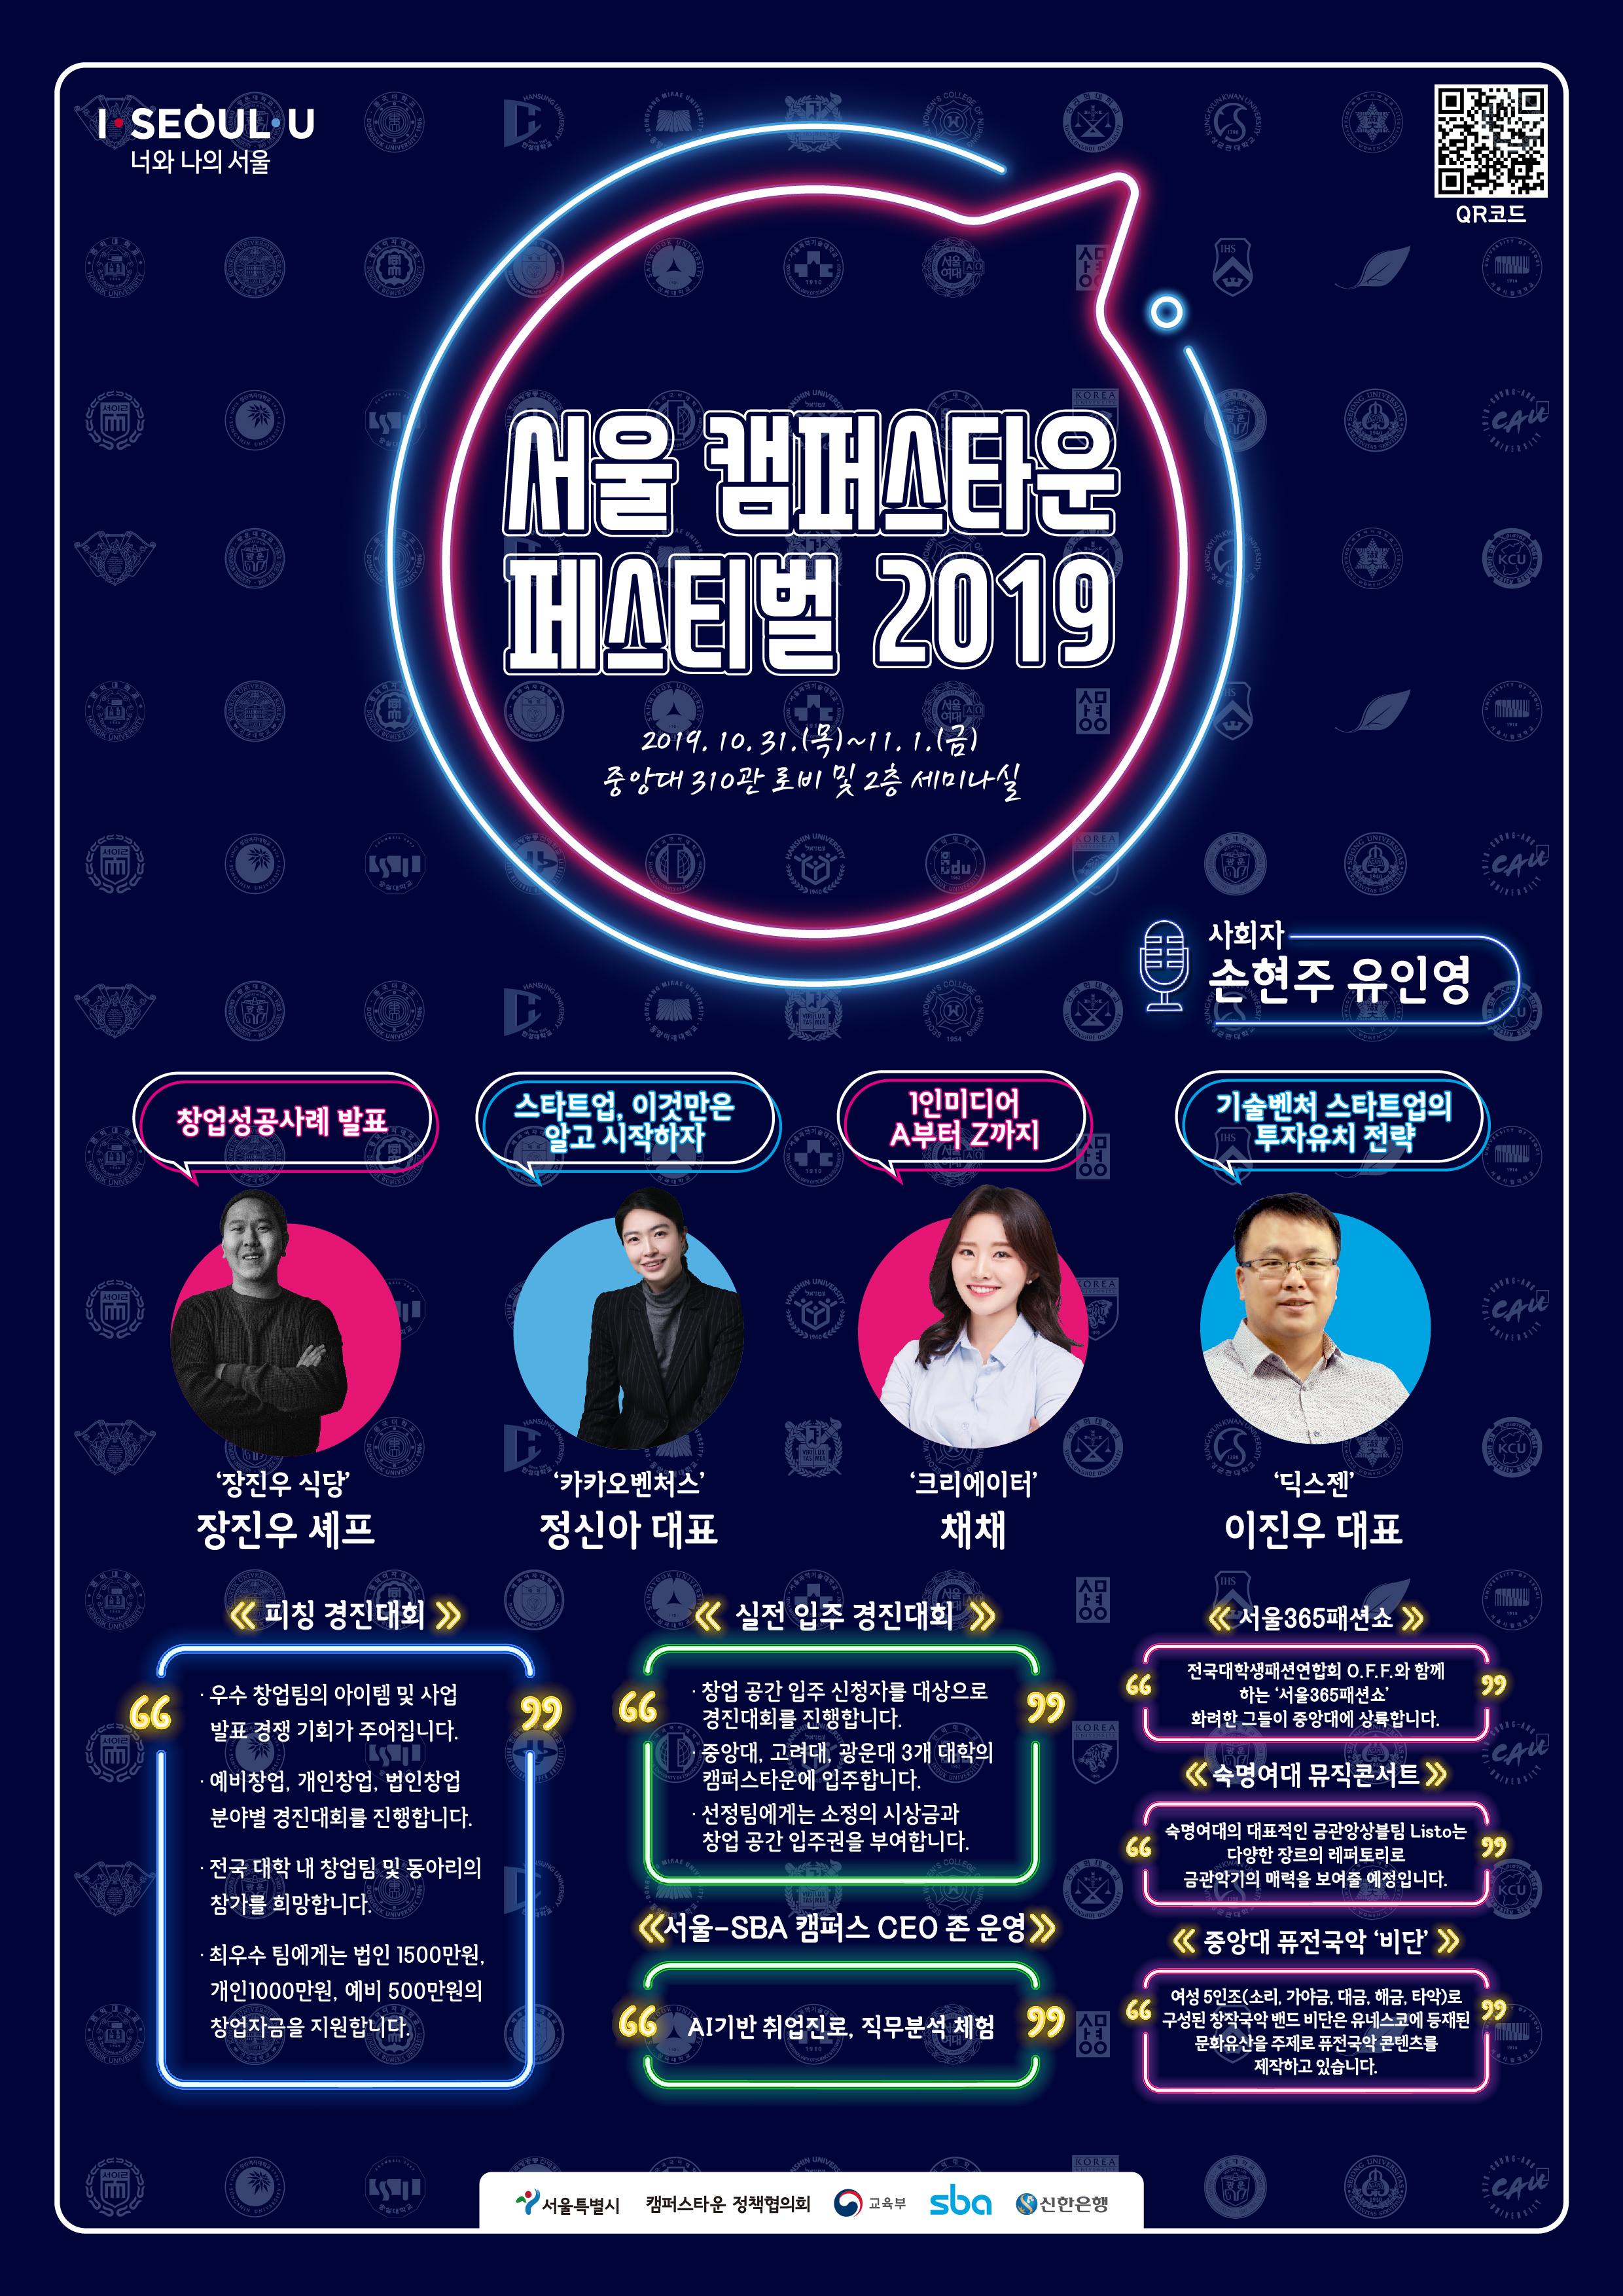 서울캠퍼스타운_포스터_420x594-프로그램 (2).jpg